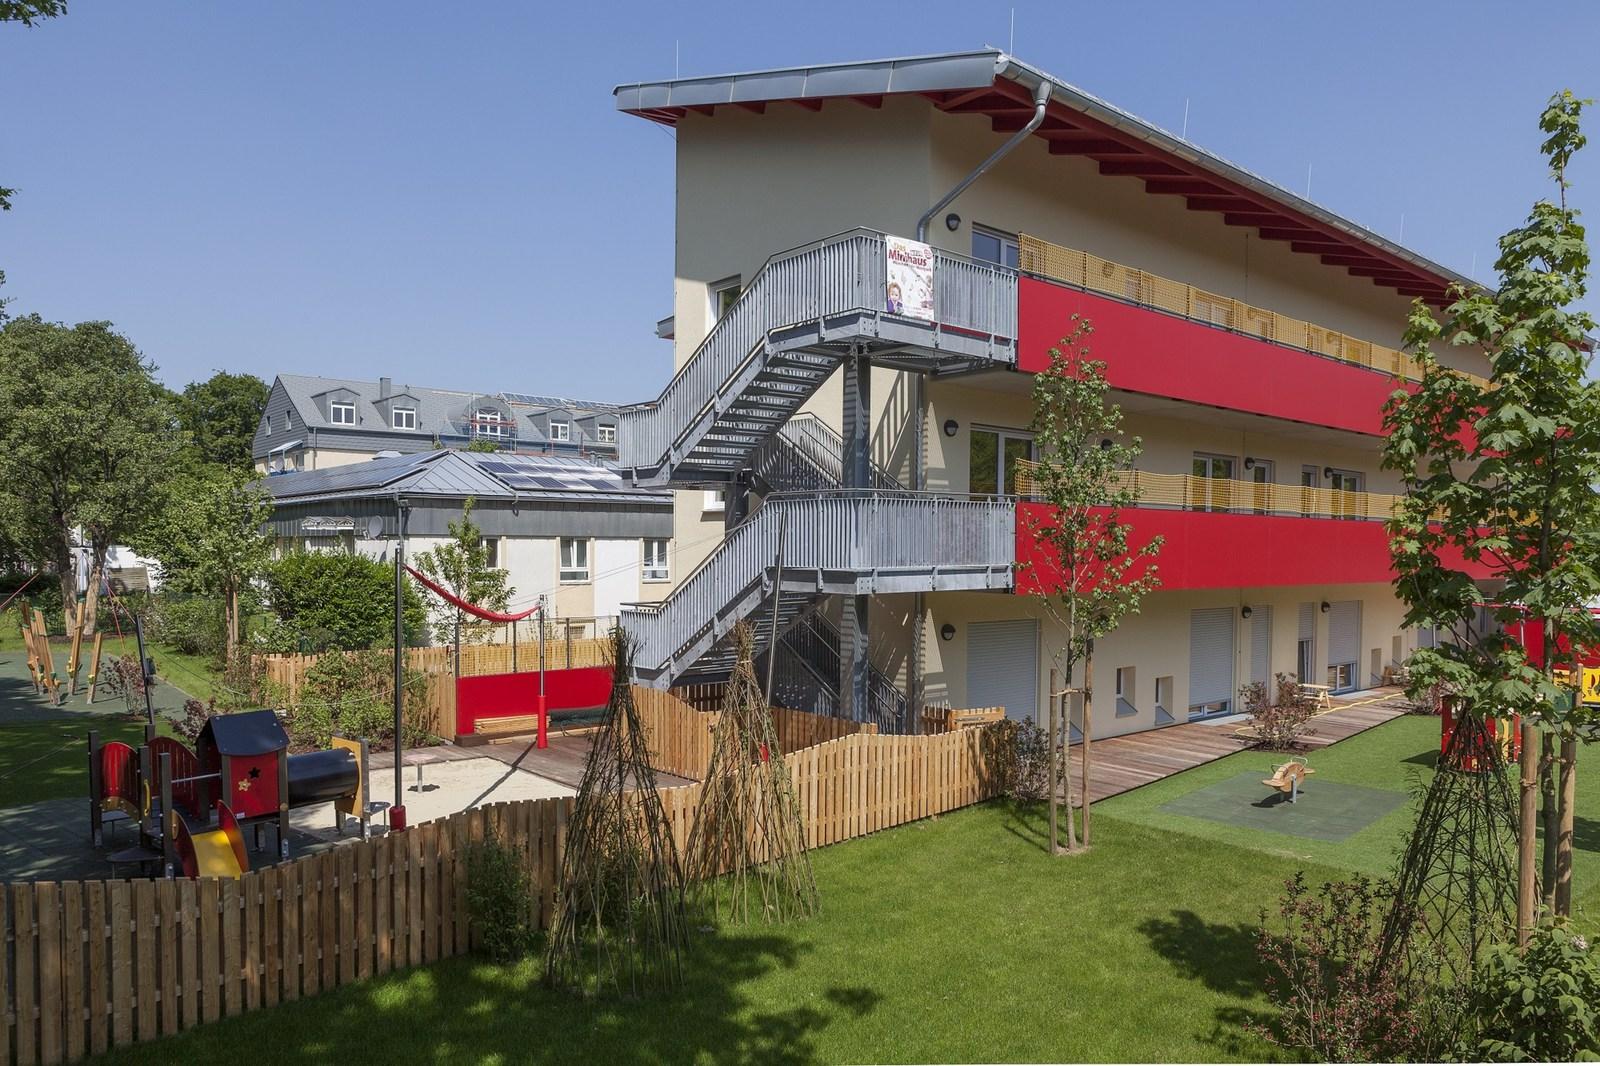 Faszinierend Haus Auf Stelzen Foto Von Das Dem Gelände Des Albertinums Bietet Kinderkrippen-